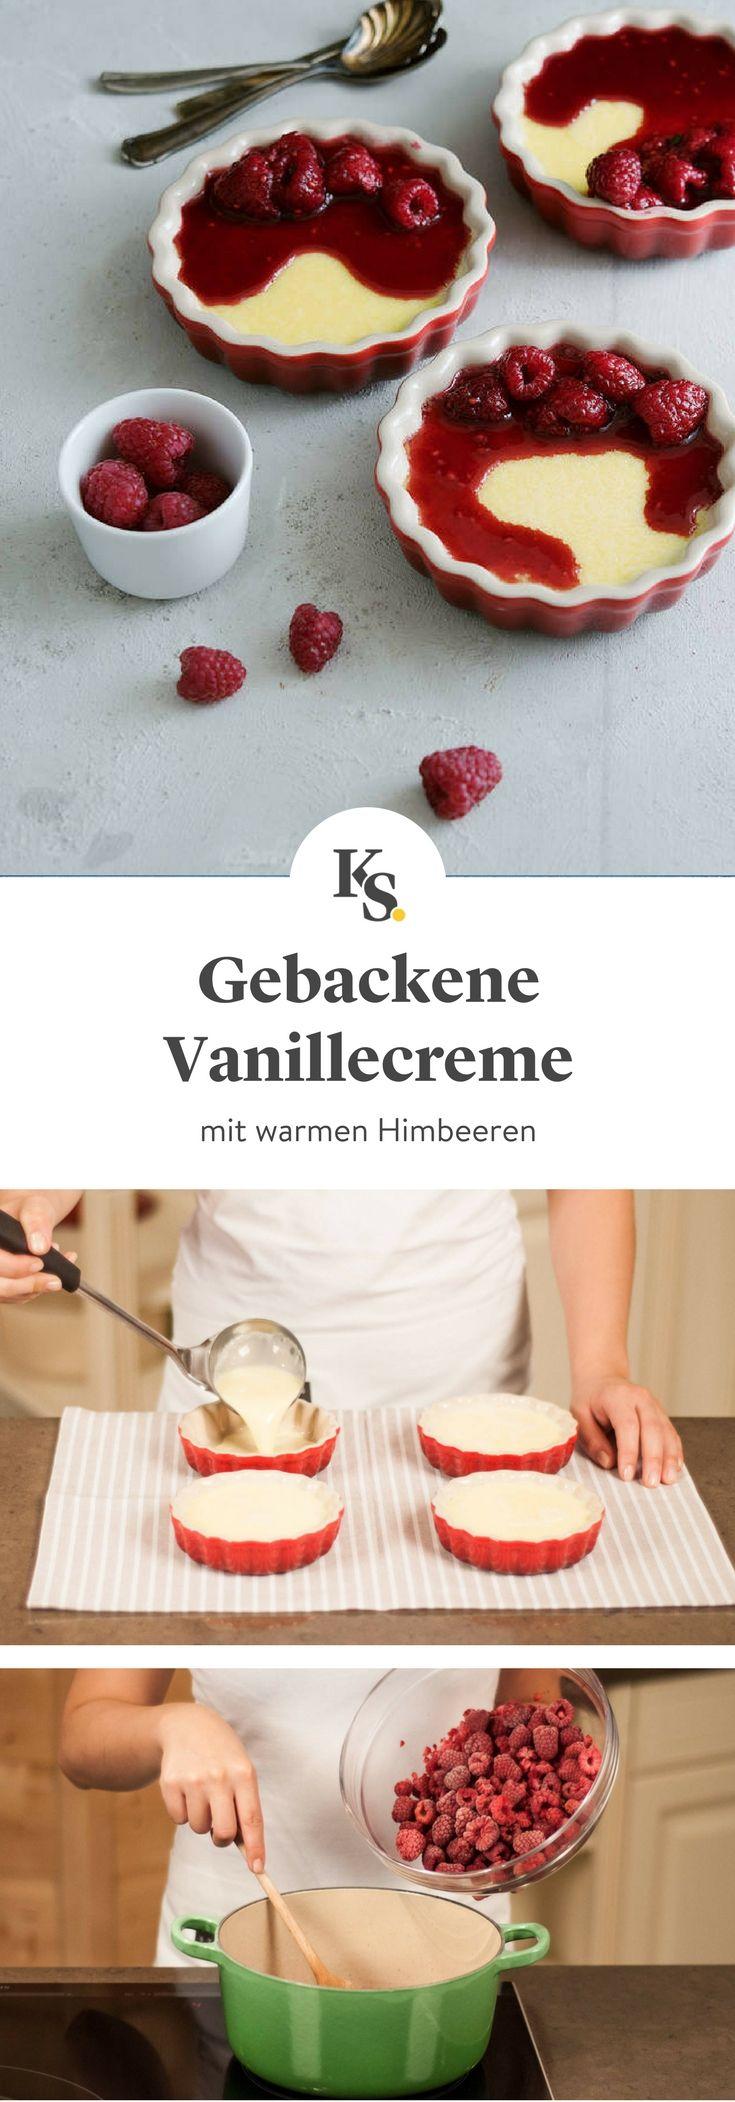 #pudding #dessert #himbeeren Fruchtiges Rezept für gebackene Vanillecreme mit warmen Himbeeren. Die Schritt-für-Schritt Anleitung zeigt dir genau, wie du dieses Dessert für deine Gäste zubereitest.